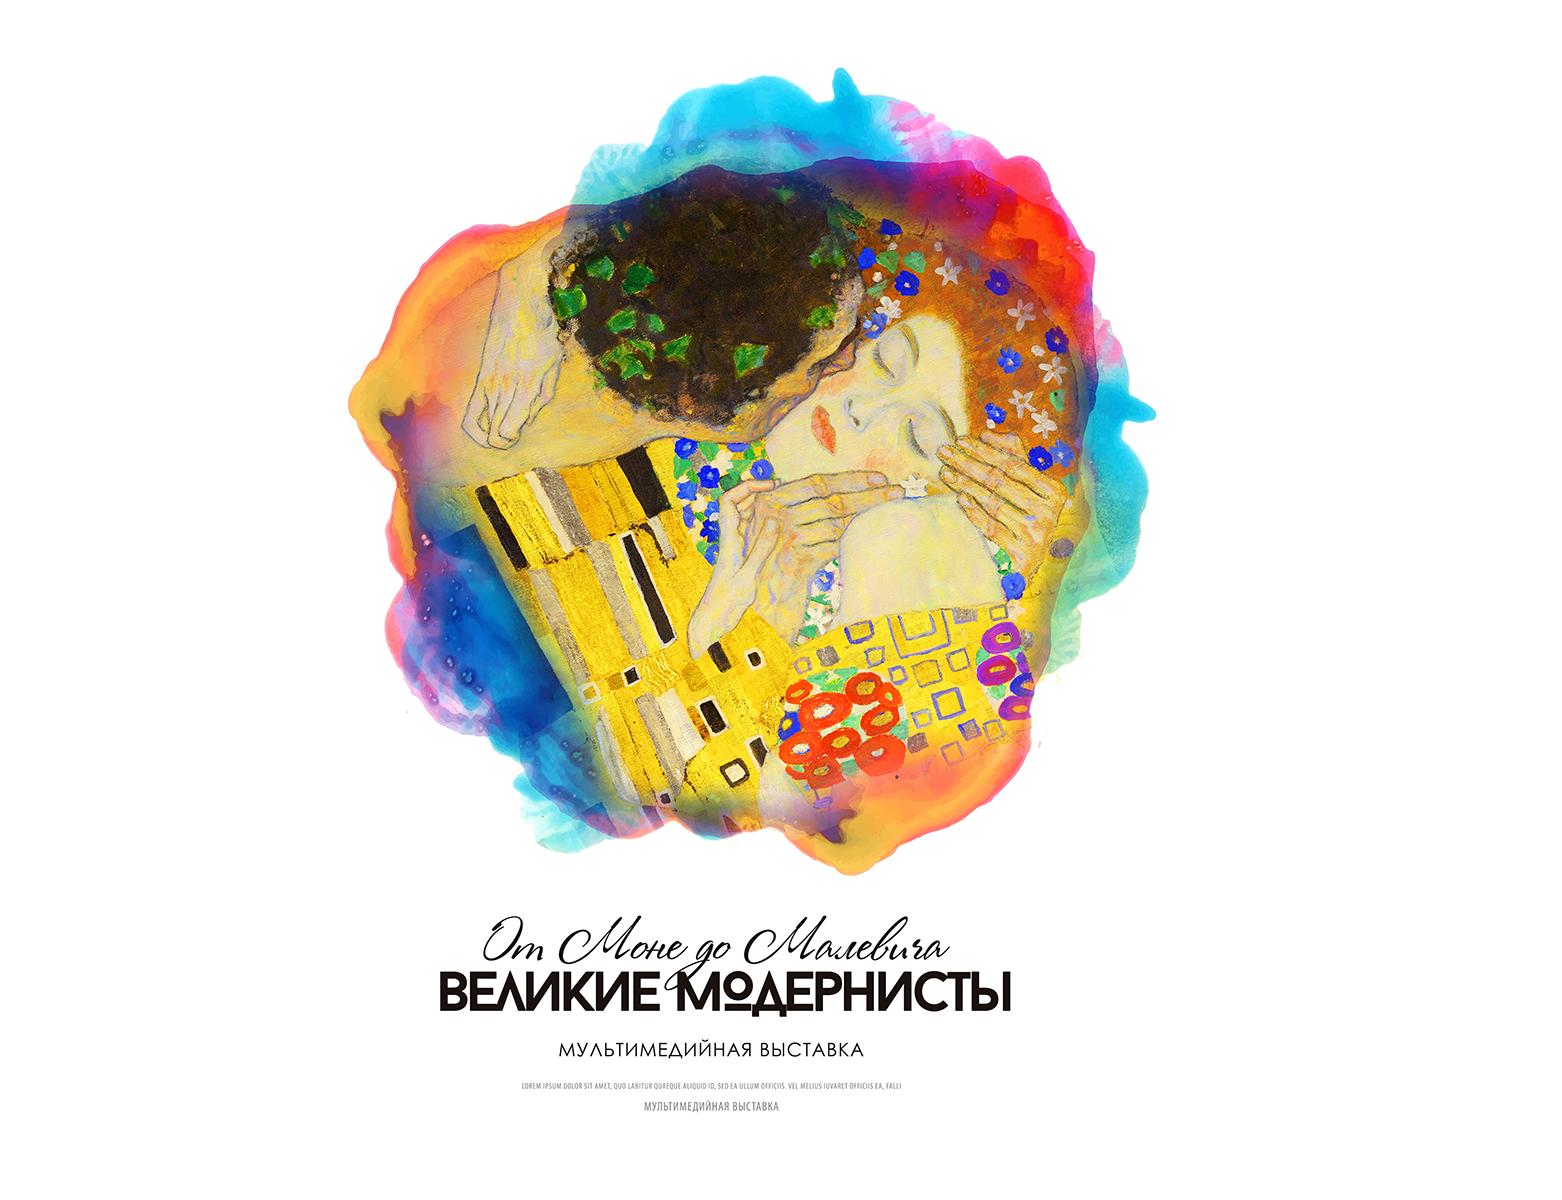 Новый мультимедийный проект  в ARTPLAY  «От Моне до Малевича. Великие модернисты»